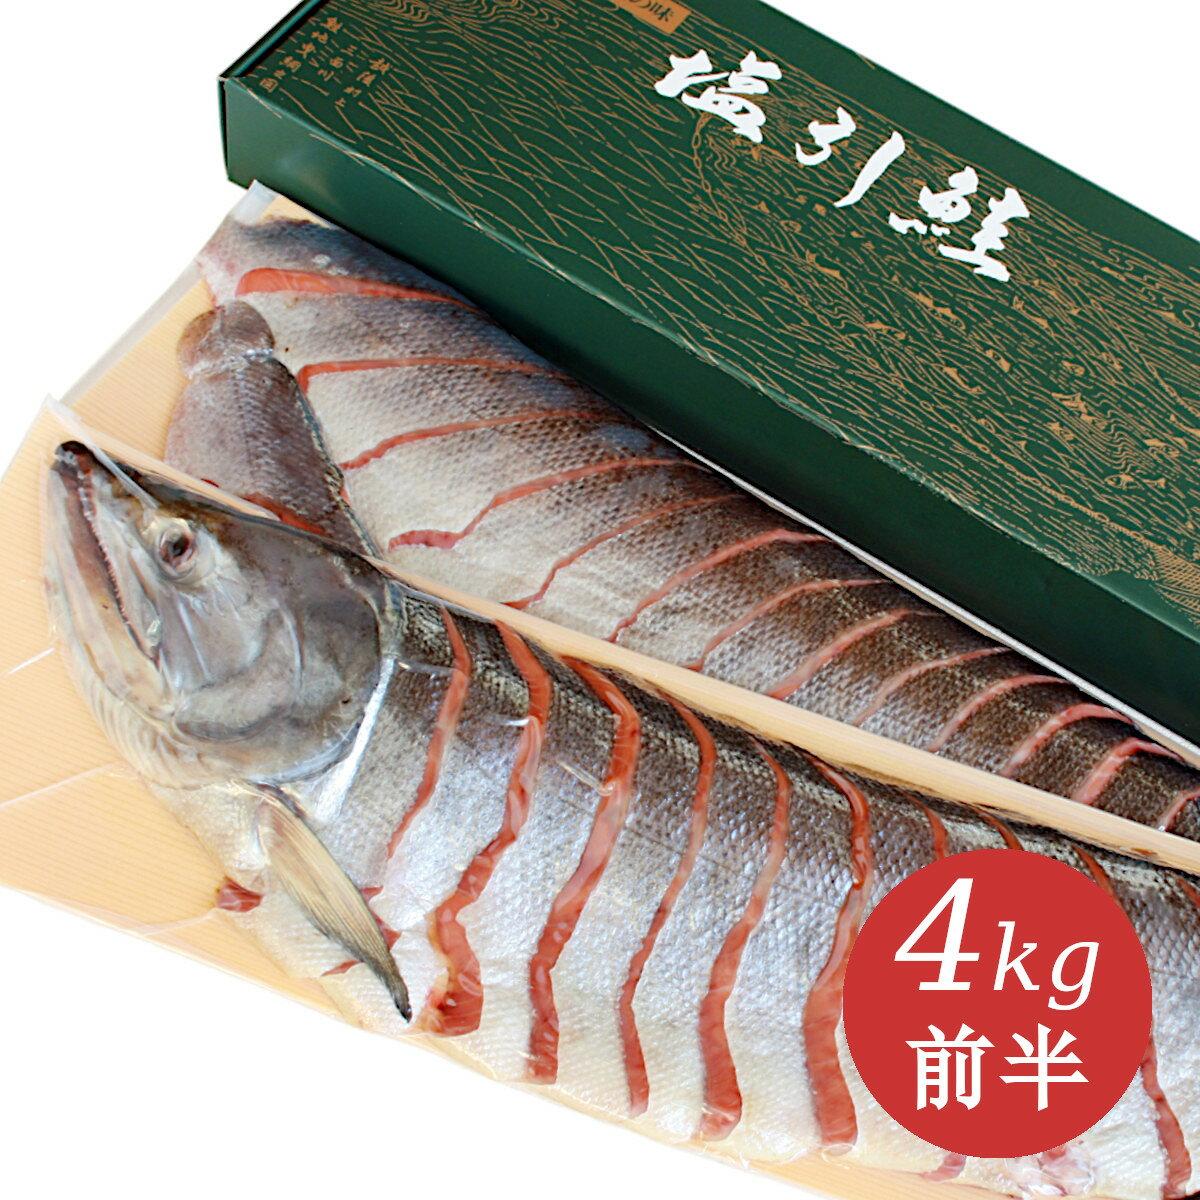 新潟 村上 名産 塩引鮭(塩引き鮭)切身姿造り4kg前半 塩鮭 サケ シャケ しゃけ